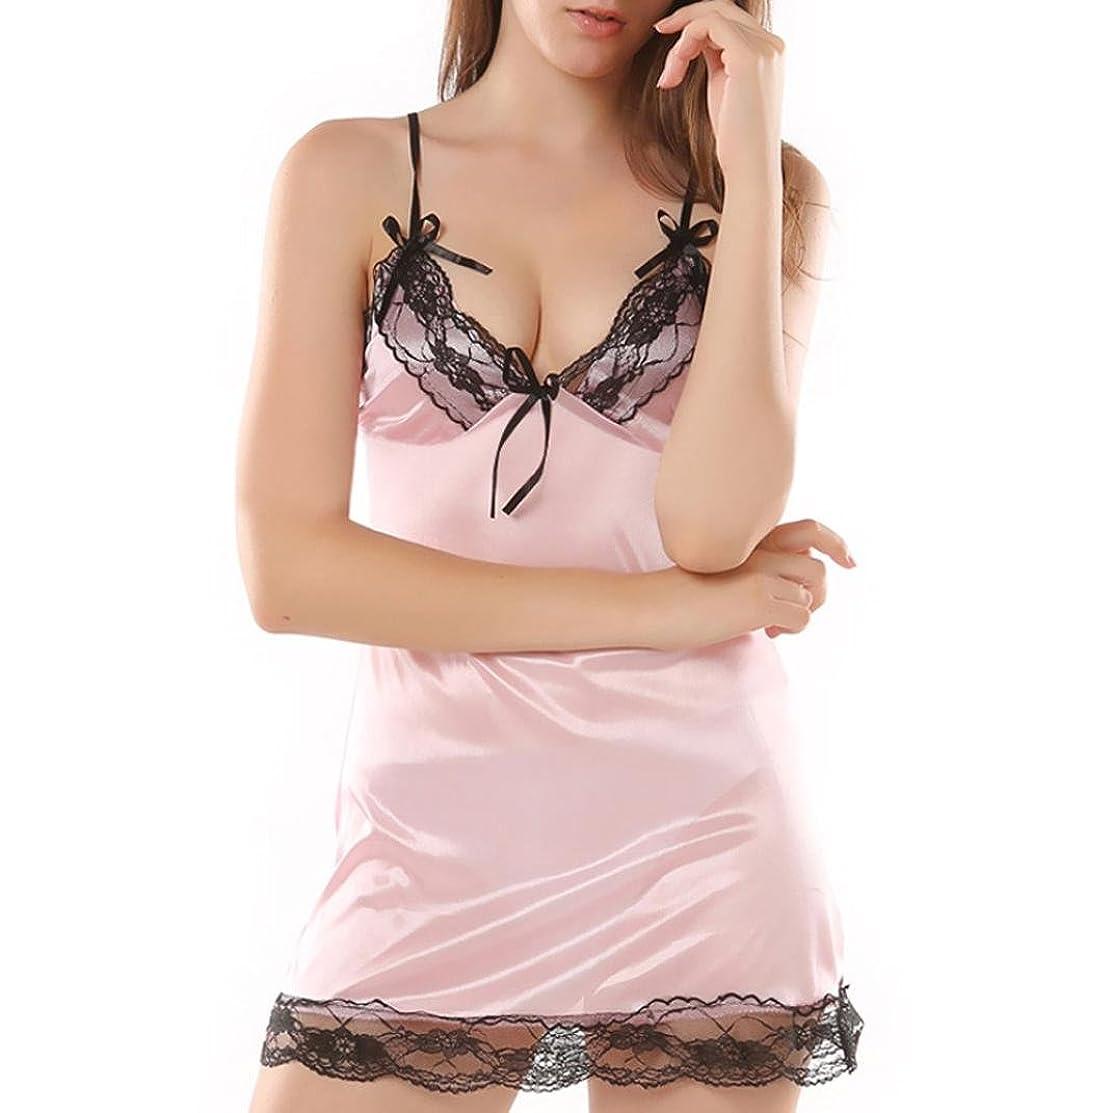 終了するシエスタ守銭奴Mhomzawa レースの下着ファッションセクシープラスサイズの服は下着の寝巻の誘惑